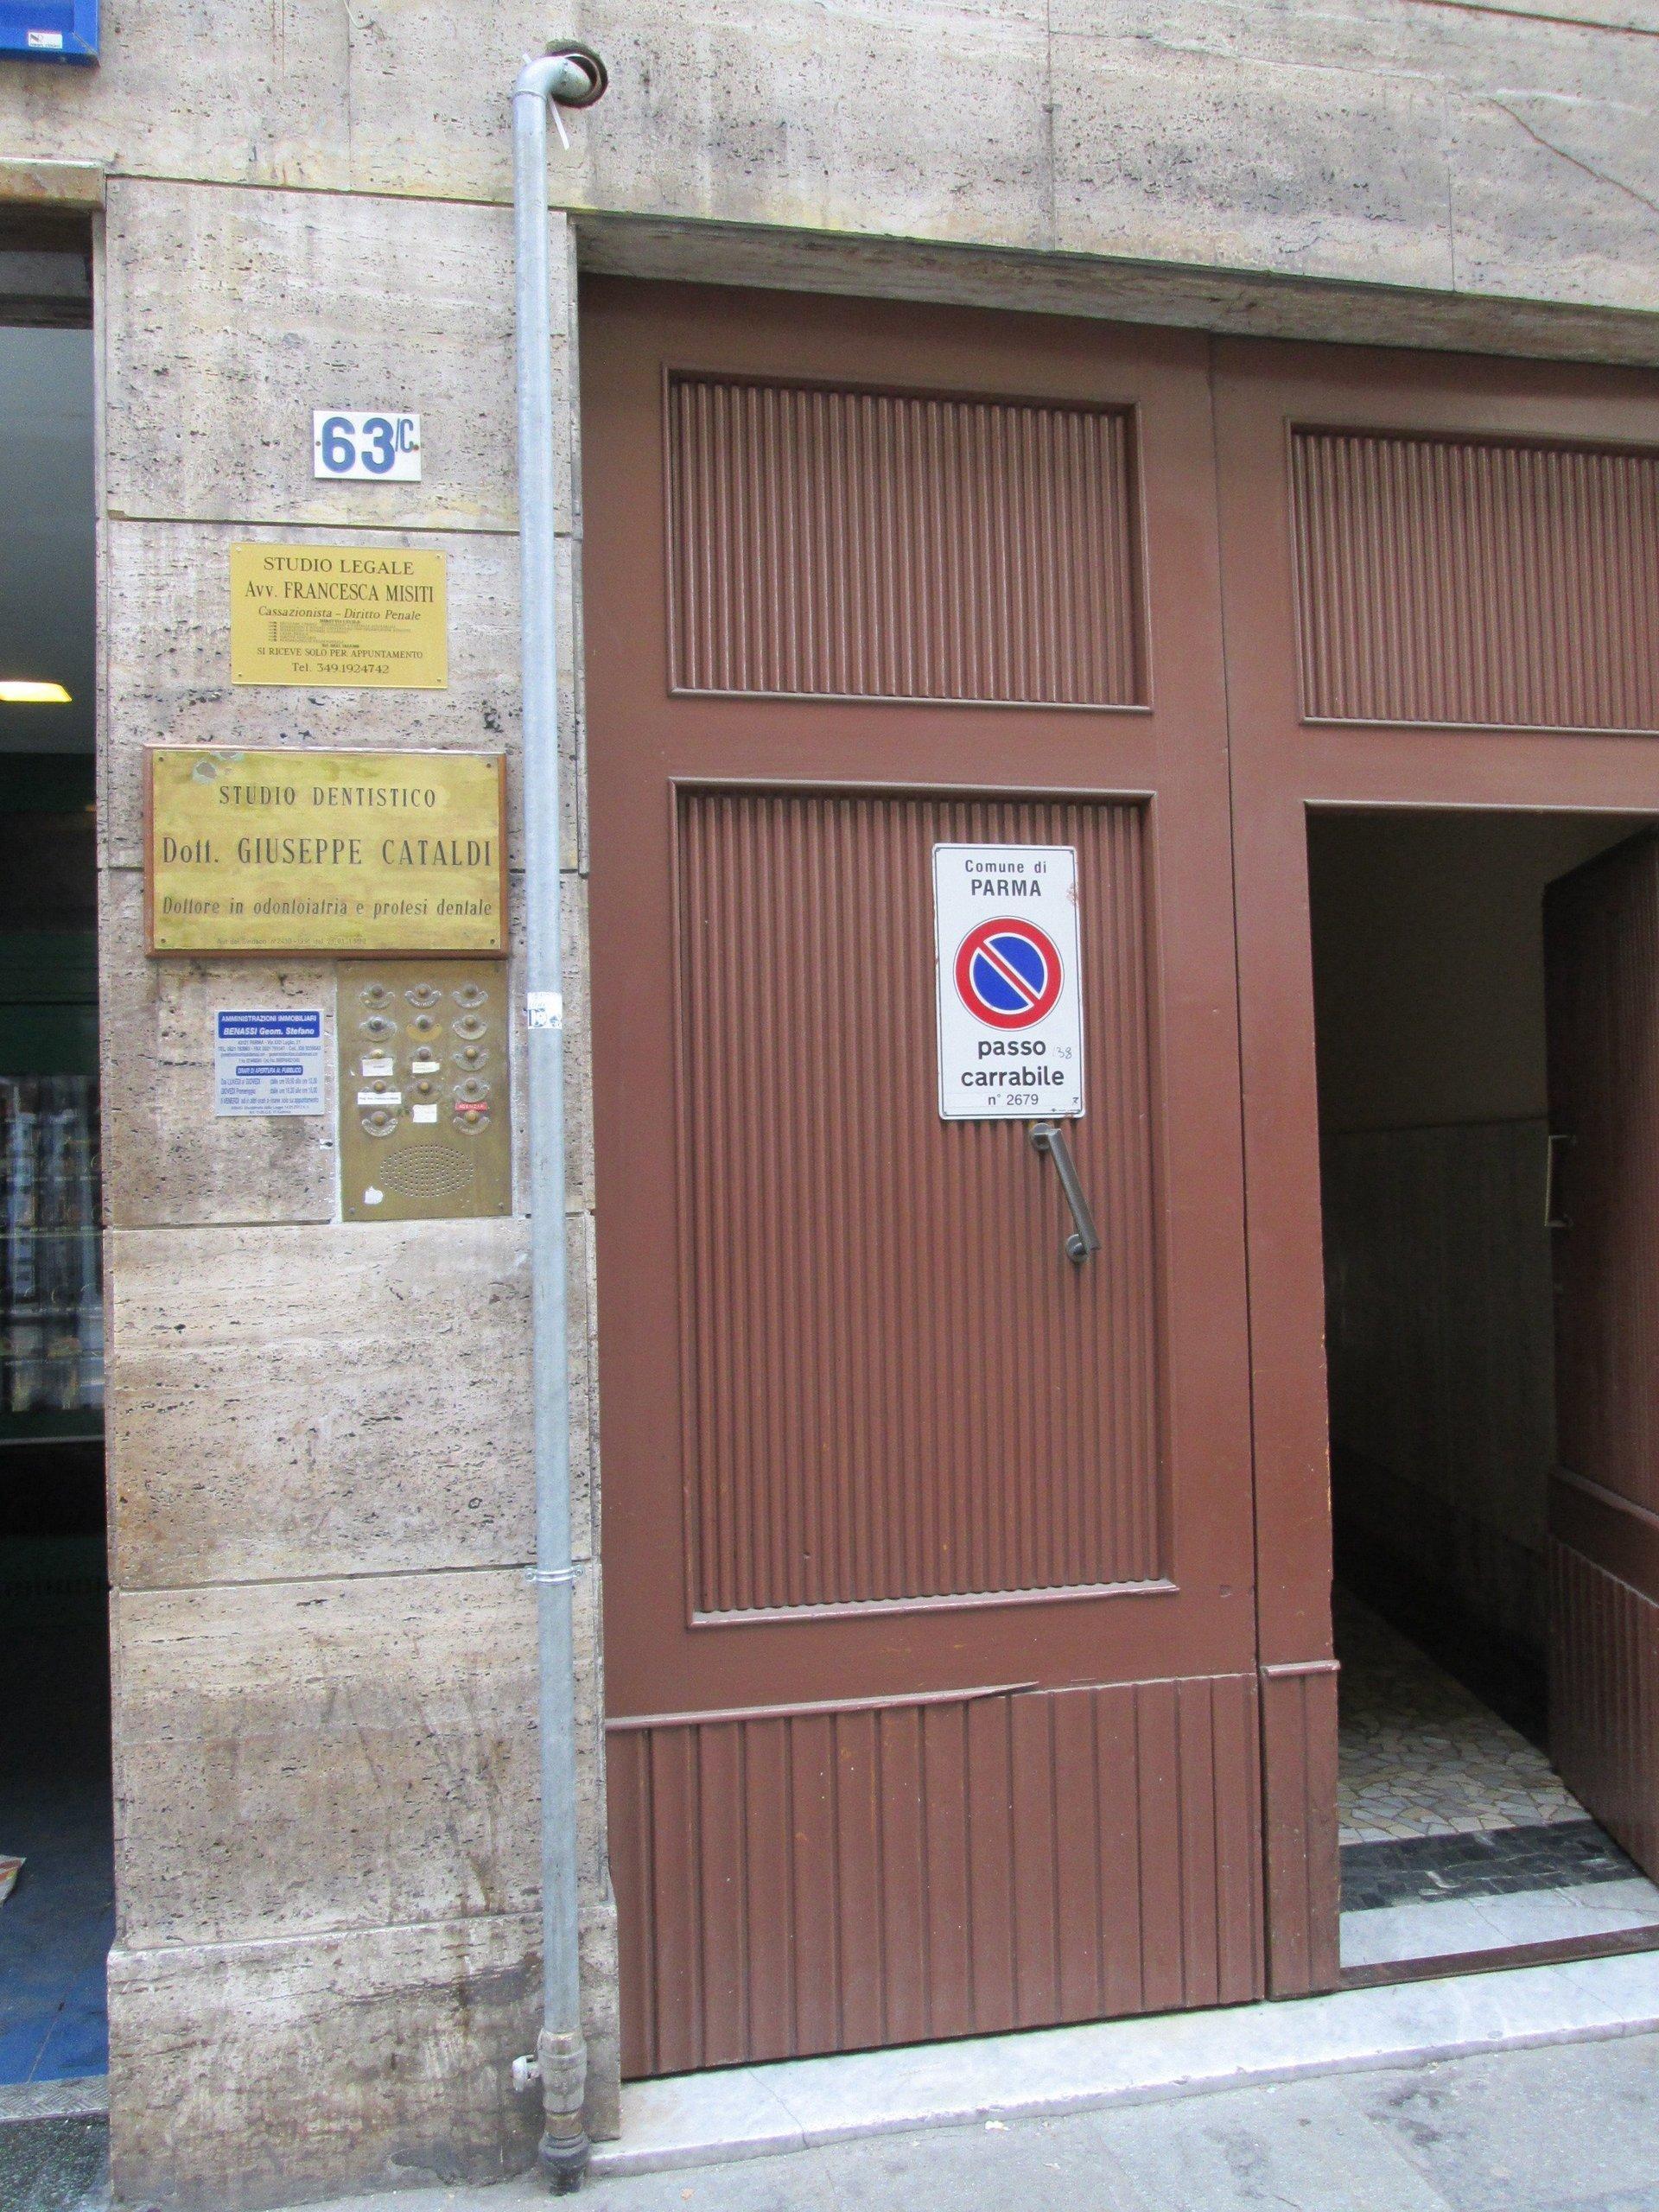 studio tentistico Parma